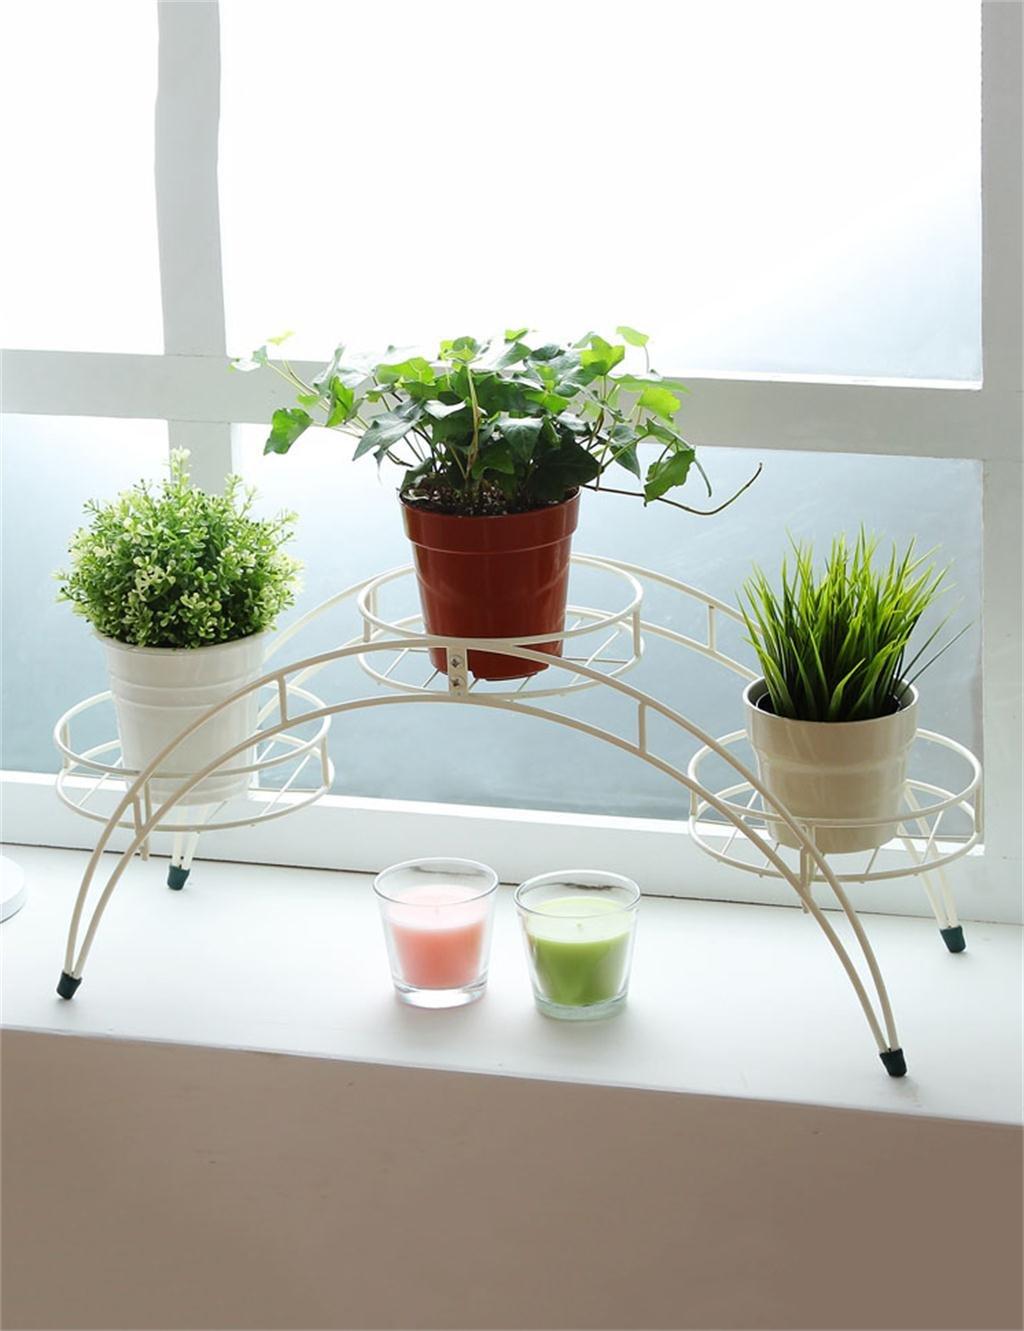 LB huajia ZHANWEI Einfache Gewölbte Eisenblumentopf Regal Stand-Blumentöpfe für Indoor, Outdoor, Balkon